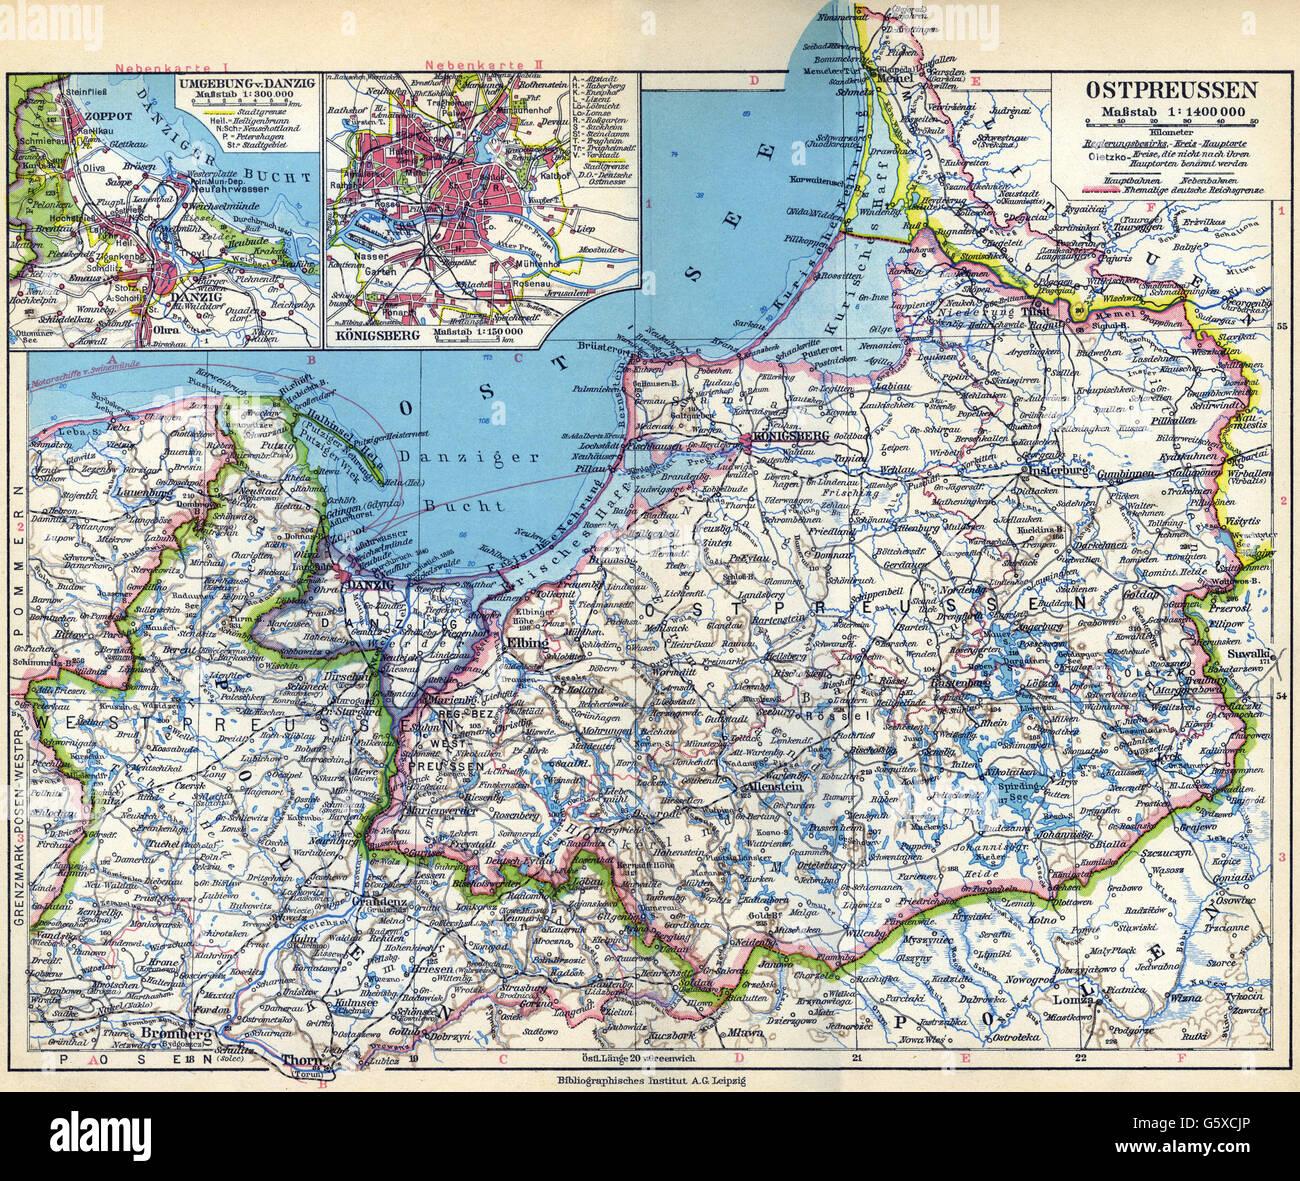 Karte Ostpreußen.Kartographie Karten Europa Deutschland Ostpreußen Königsberg